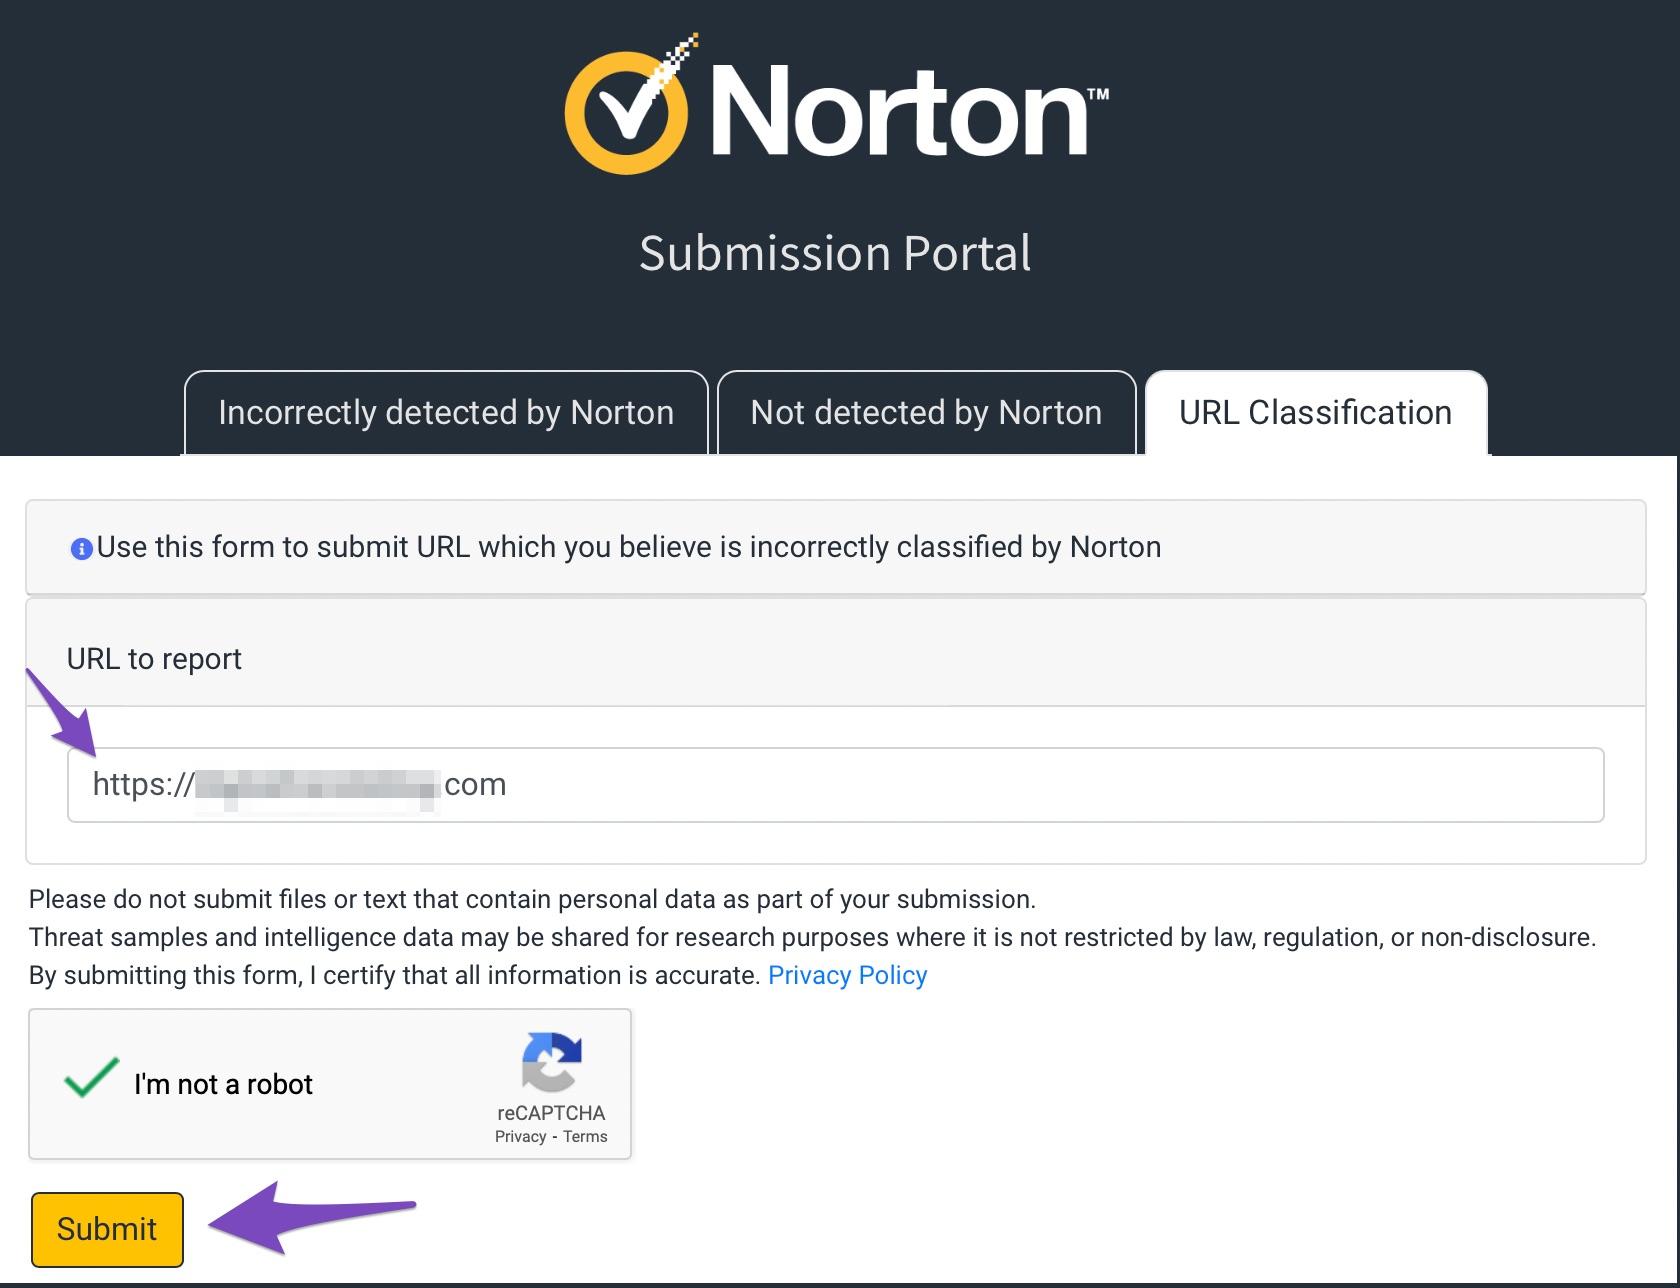 Norton Submission Portal